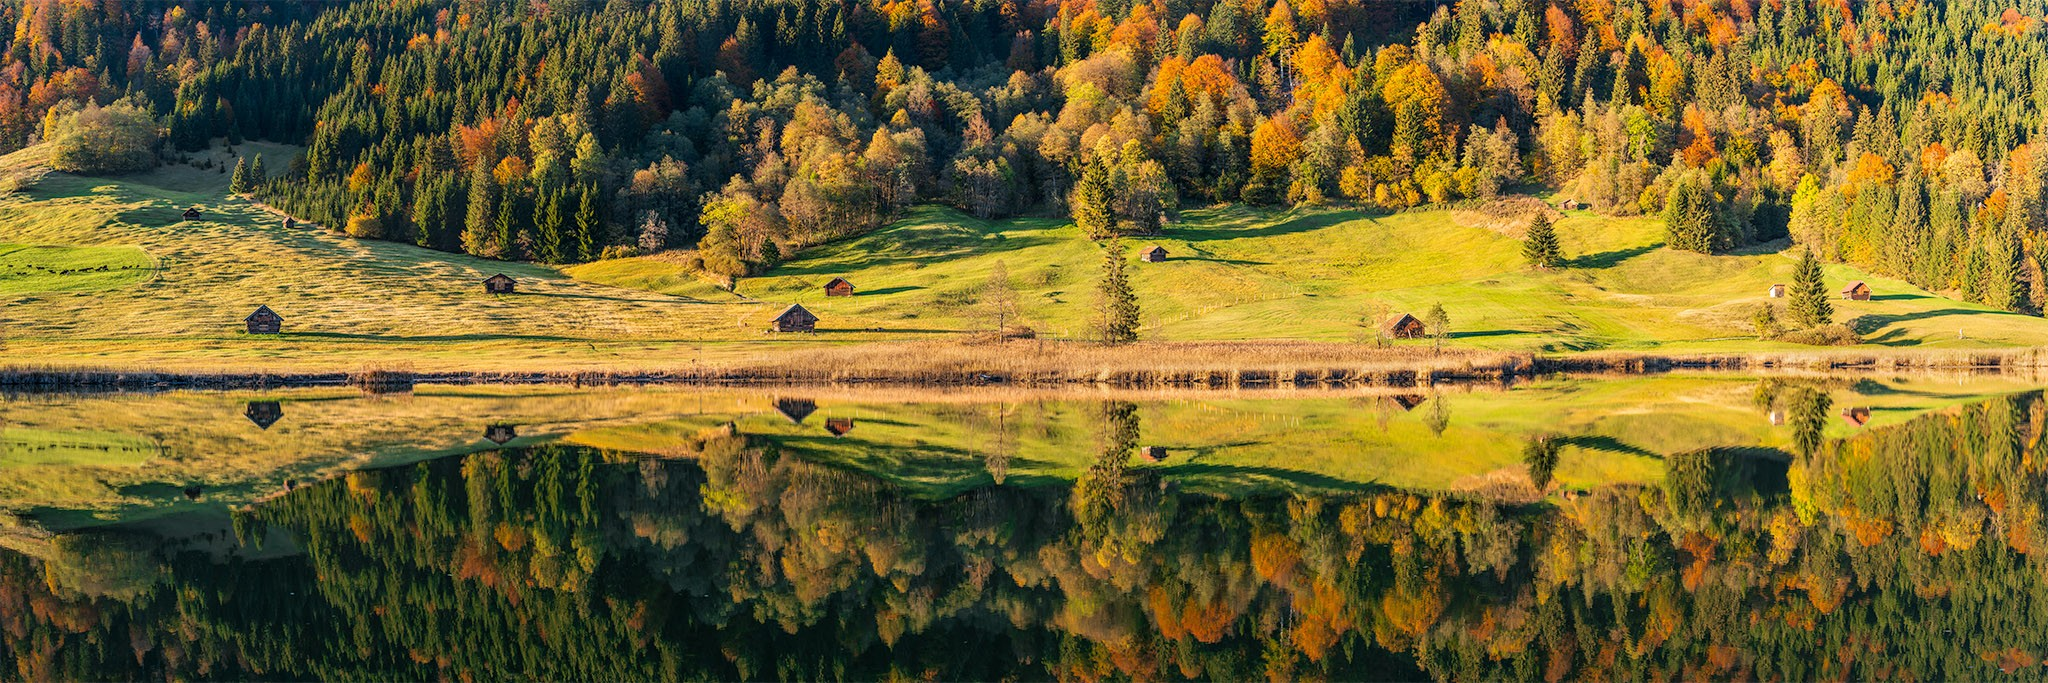 Geroldsee Herbst